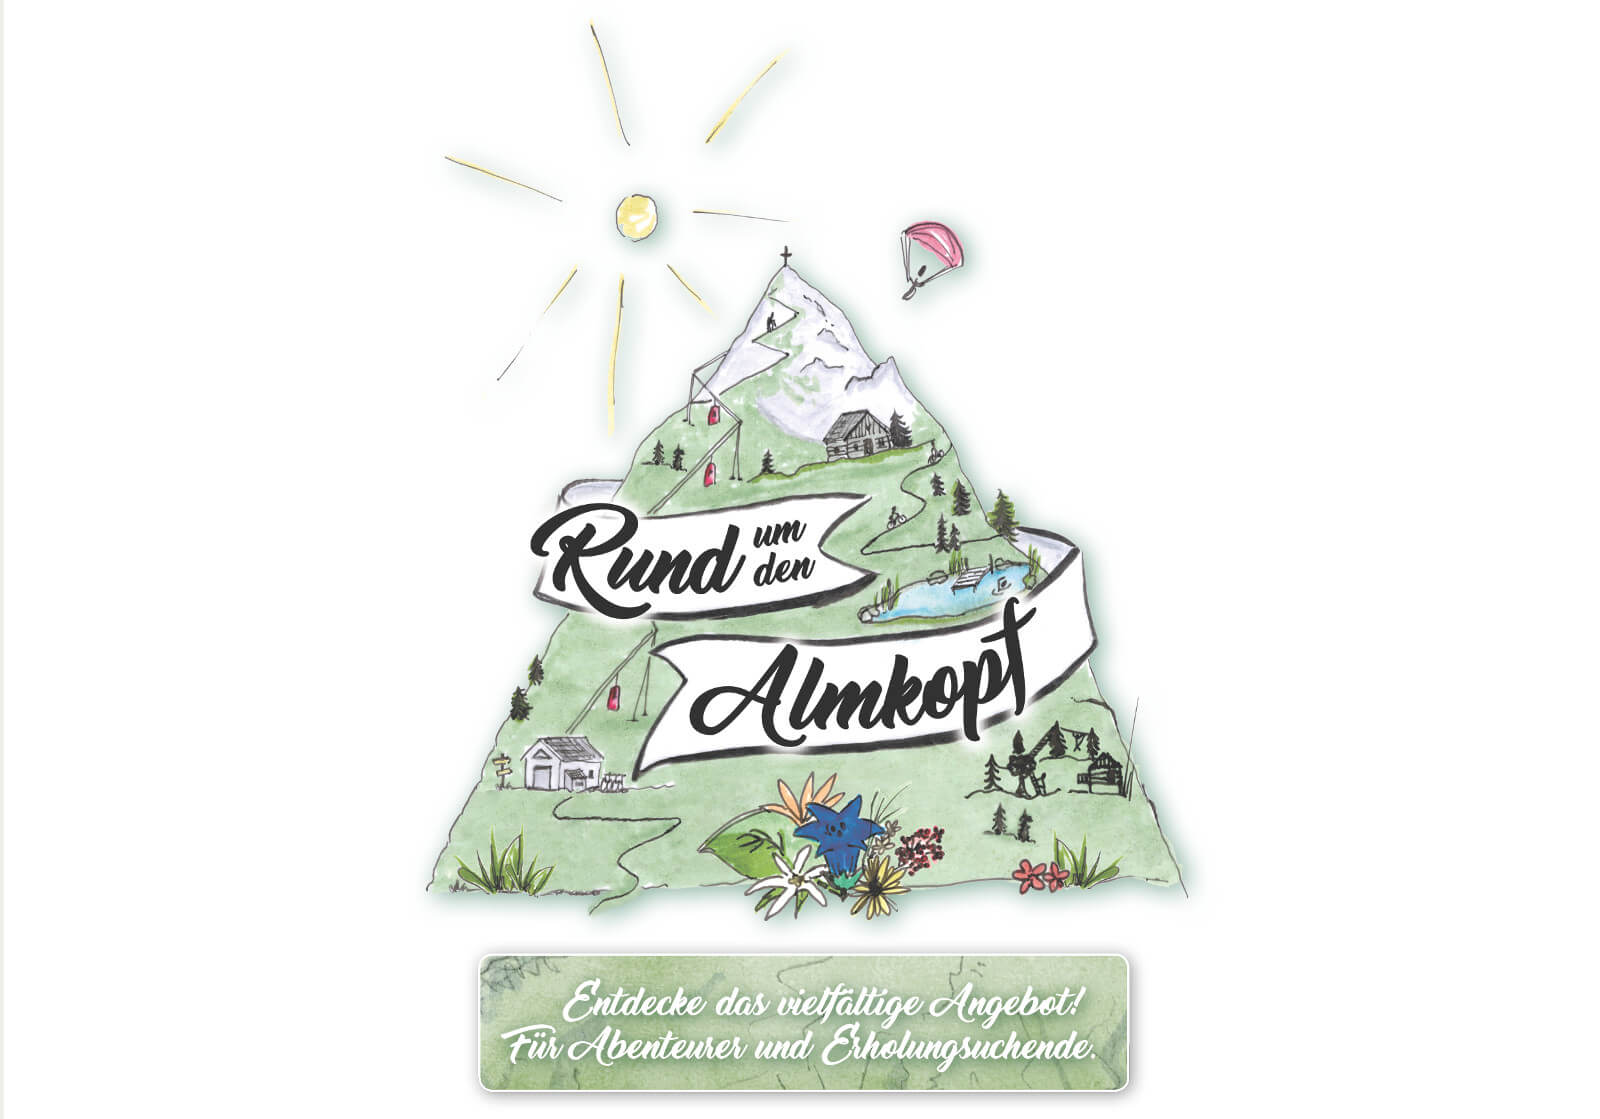 Rund um den Almkopf - Berg Sommer Aktivitäten